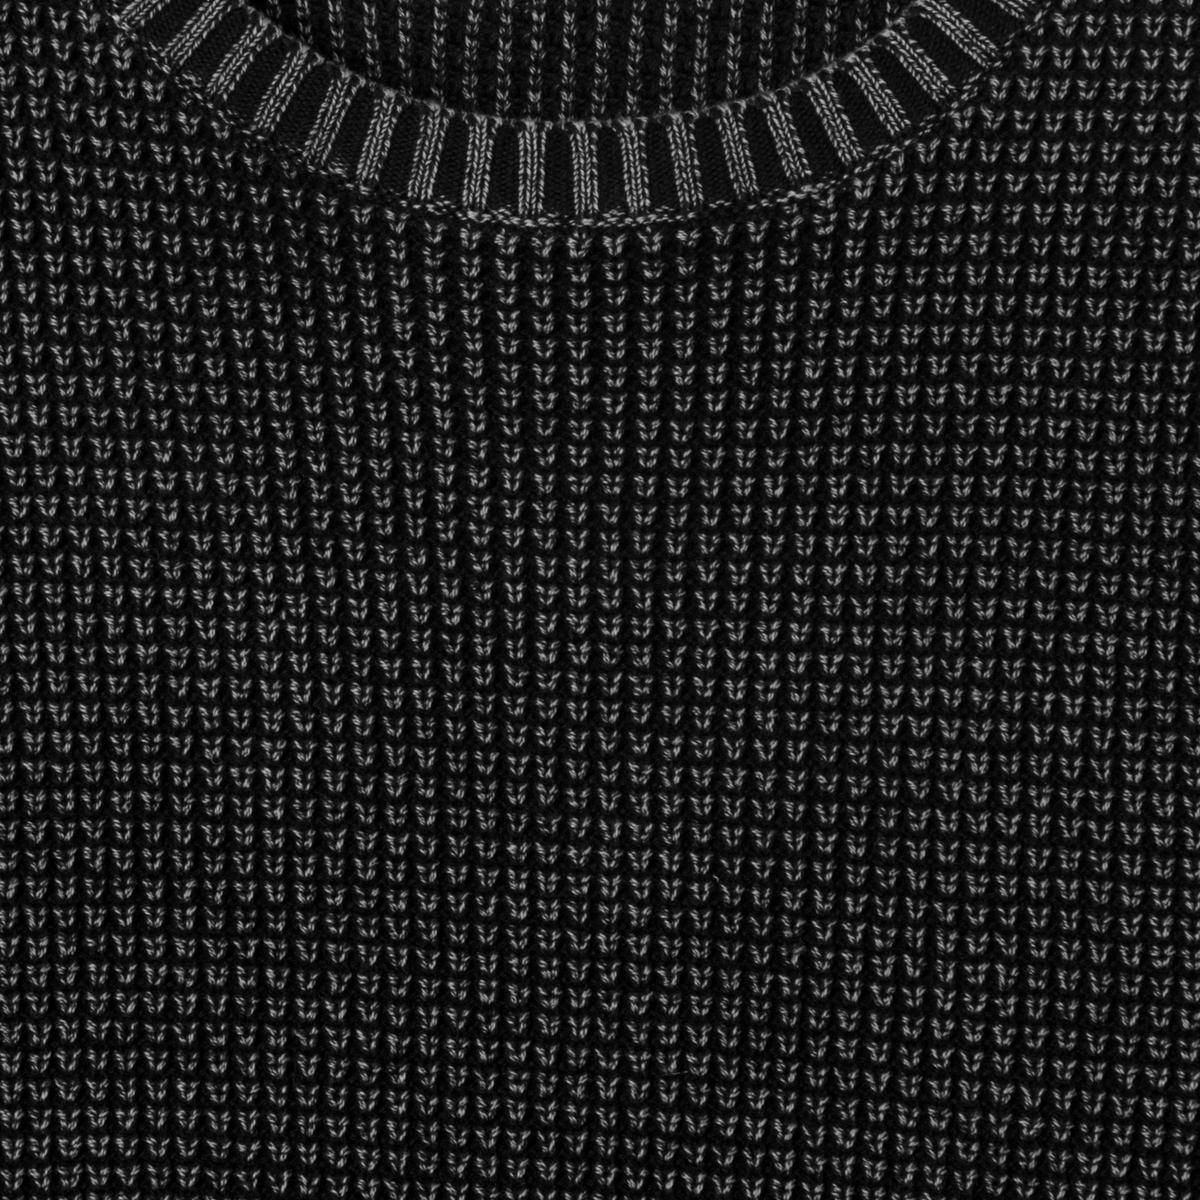 Пуловер с круглым вырезом из тонкого трикотажаДетали •  Длинные рукава •  Круглый вырез •  Тонкий трикотаж Состав и уход •  100% хлопок •  Температура стирки 30° на деликатном режиме   • Низкая температура глажки / не отбеливать   •  Сушить на горизонтальной поверхности • Сухая чистка запрещена<br><br>Цвет: черный<br>Размер: 10 лет - 138 см.16 лет - 174 см.14 лет - 162 см.12 лет -150 см